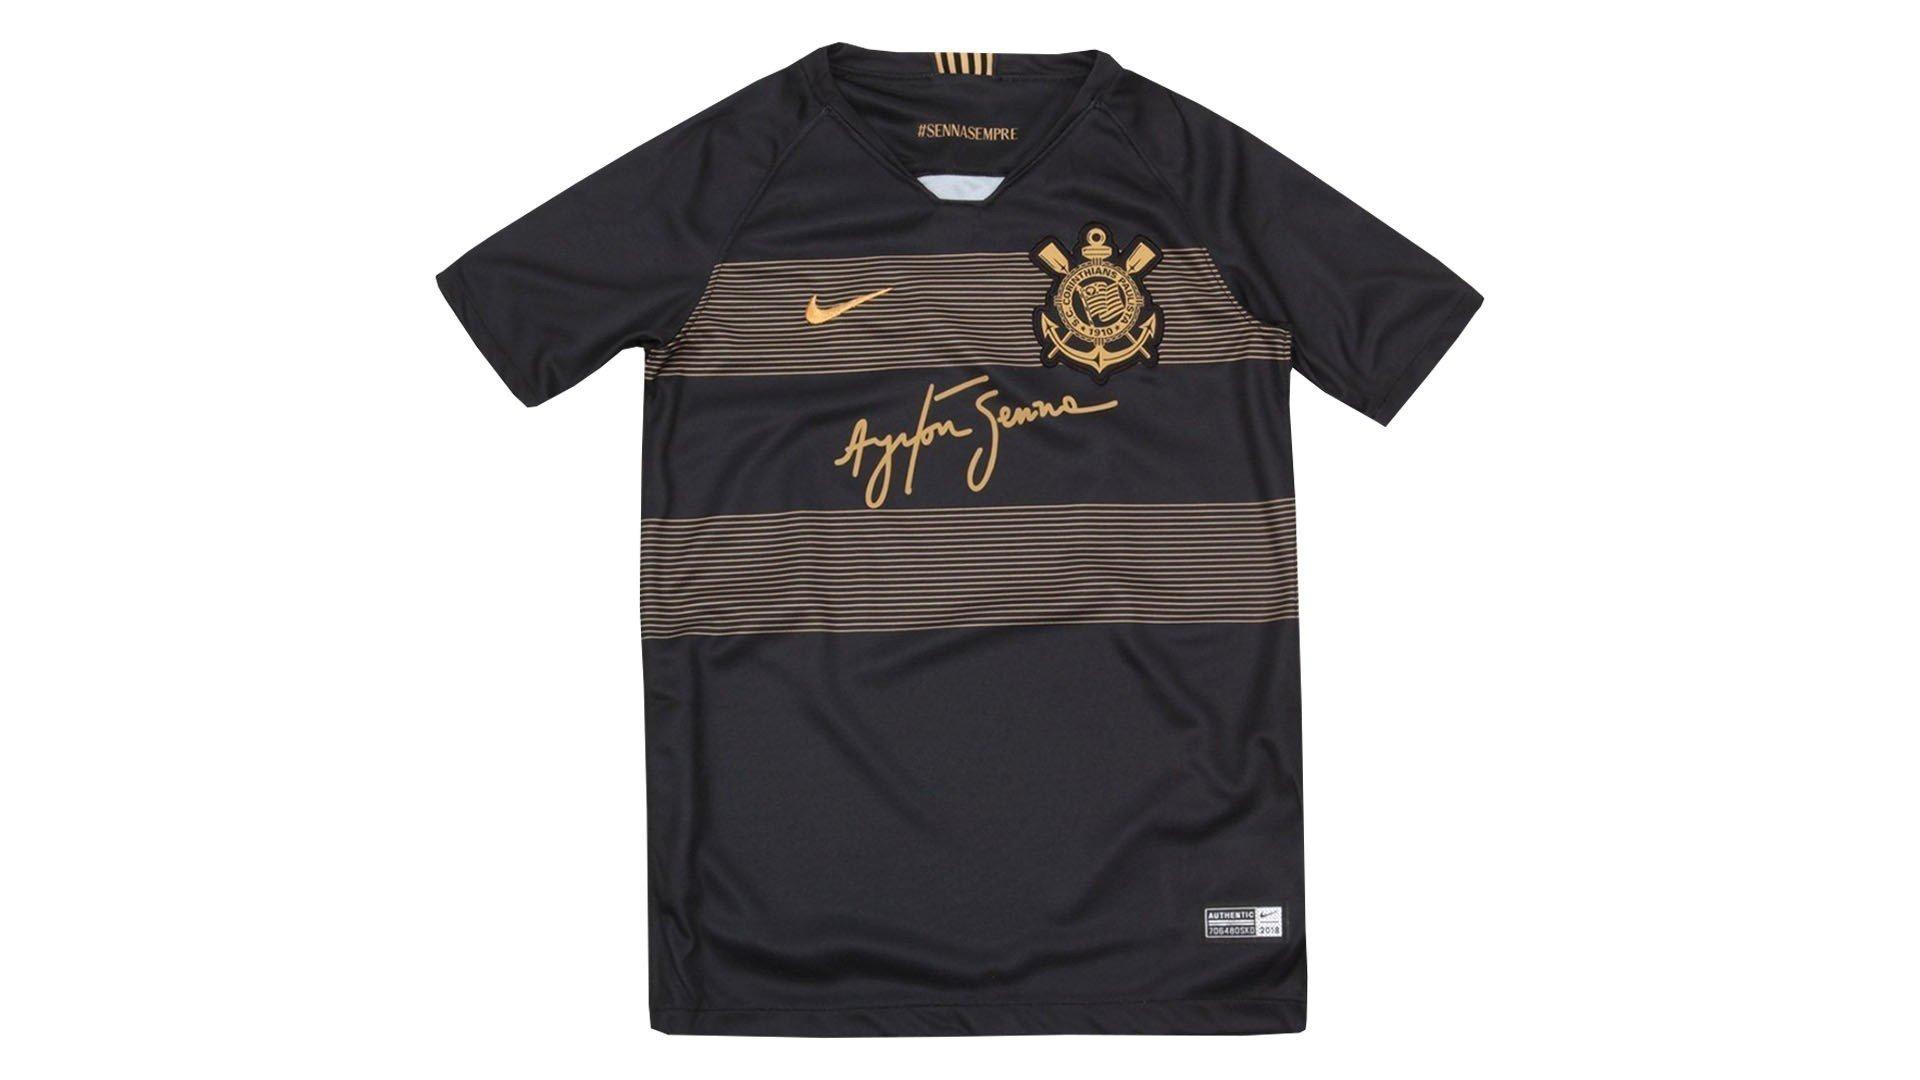 Camisa do Corinthians Ayrton Senna